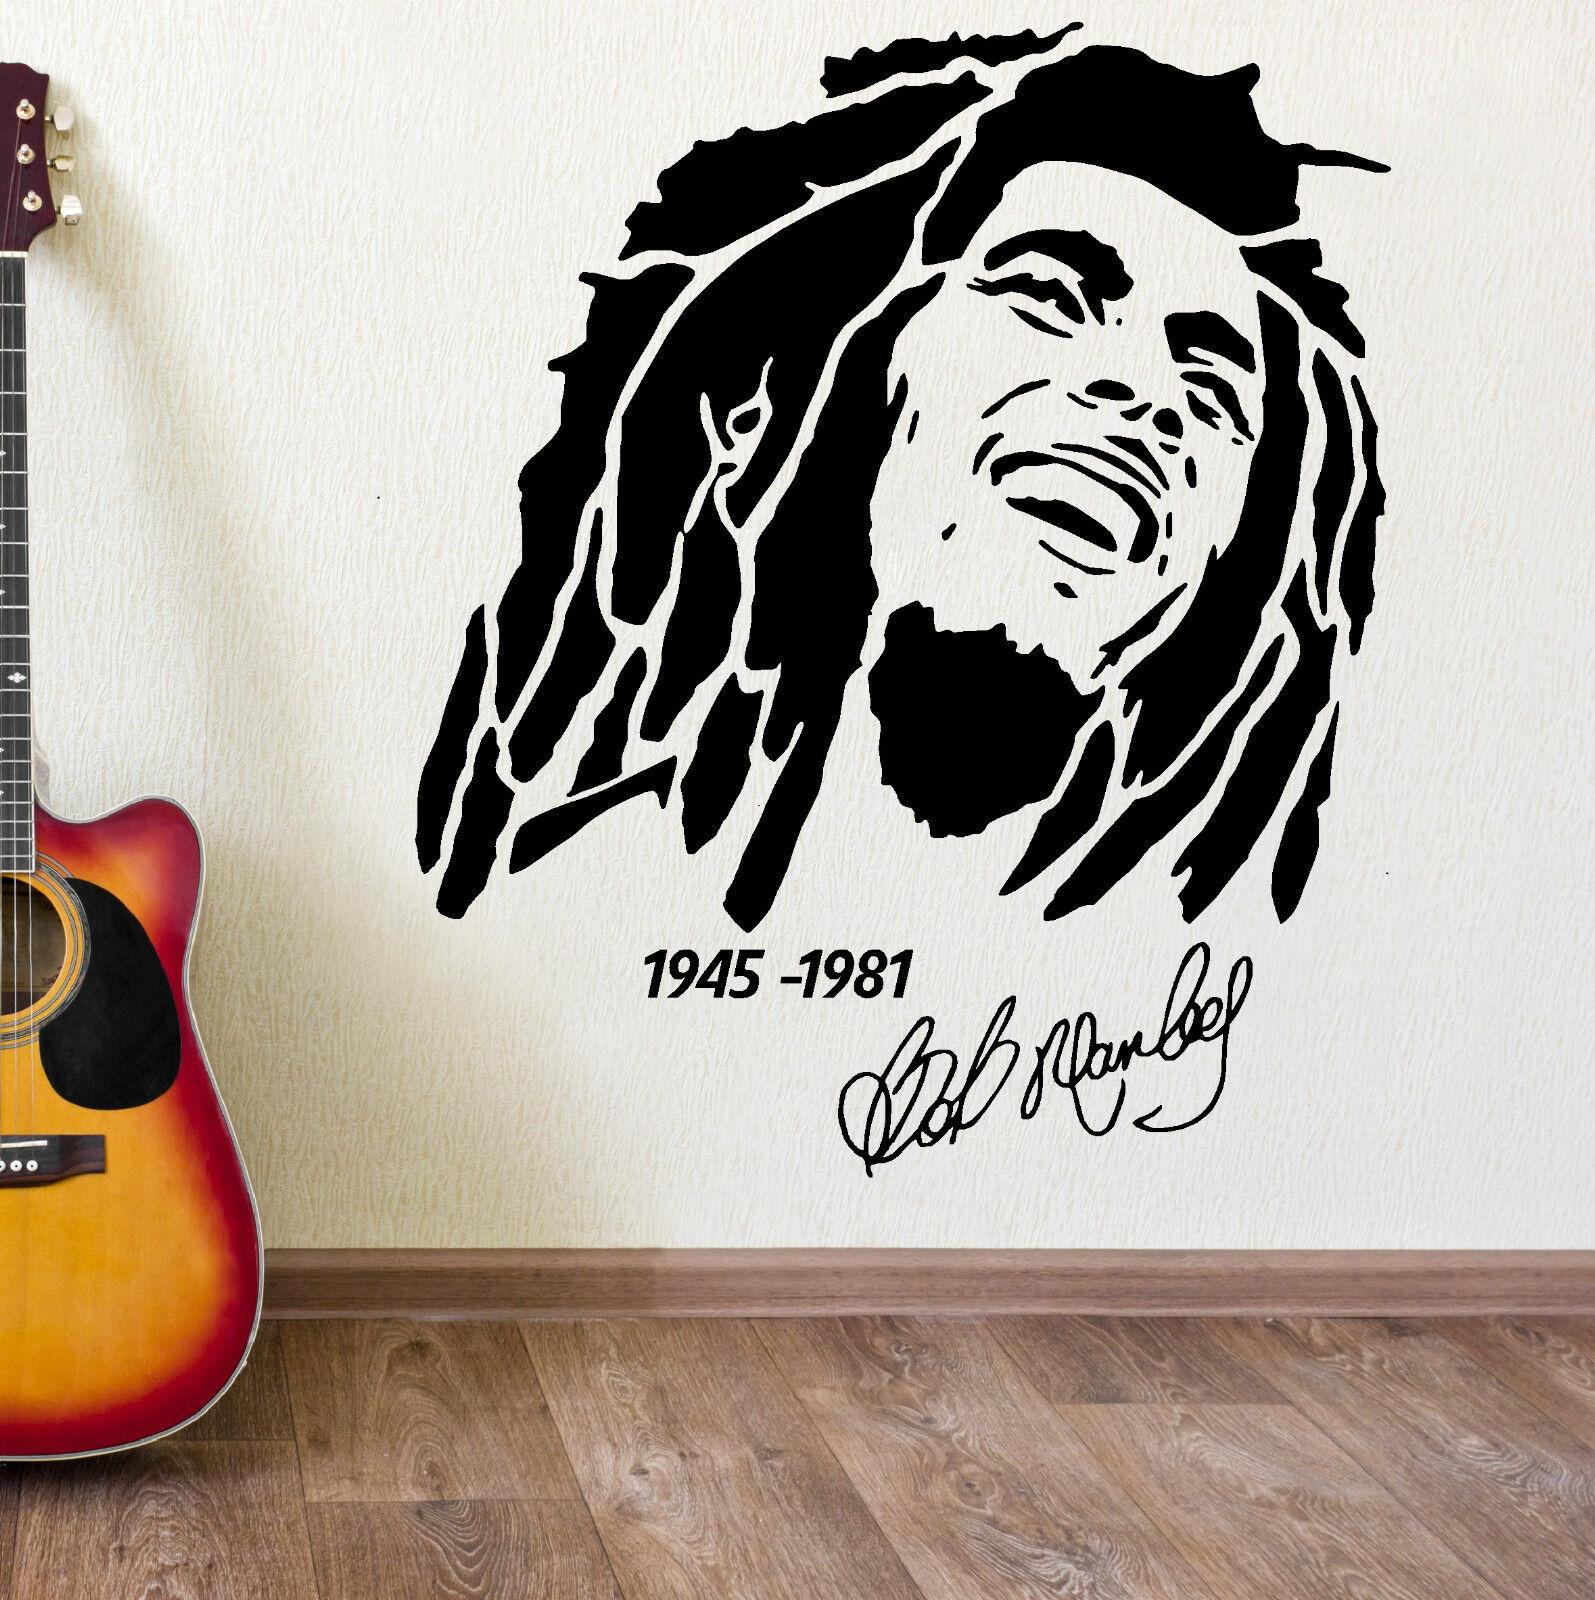 Bob Marley 1945 1981 Vinyl Wall Art Sticker Decal Ebay